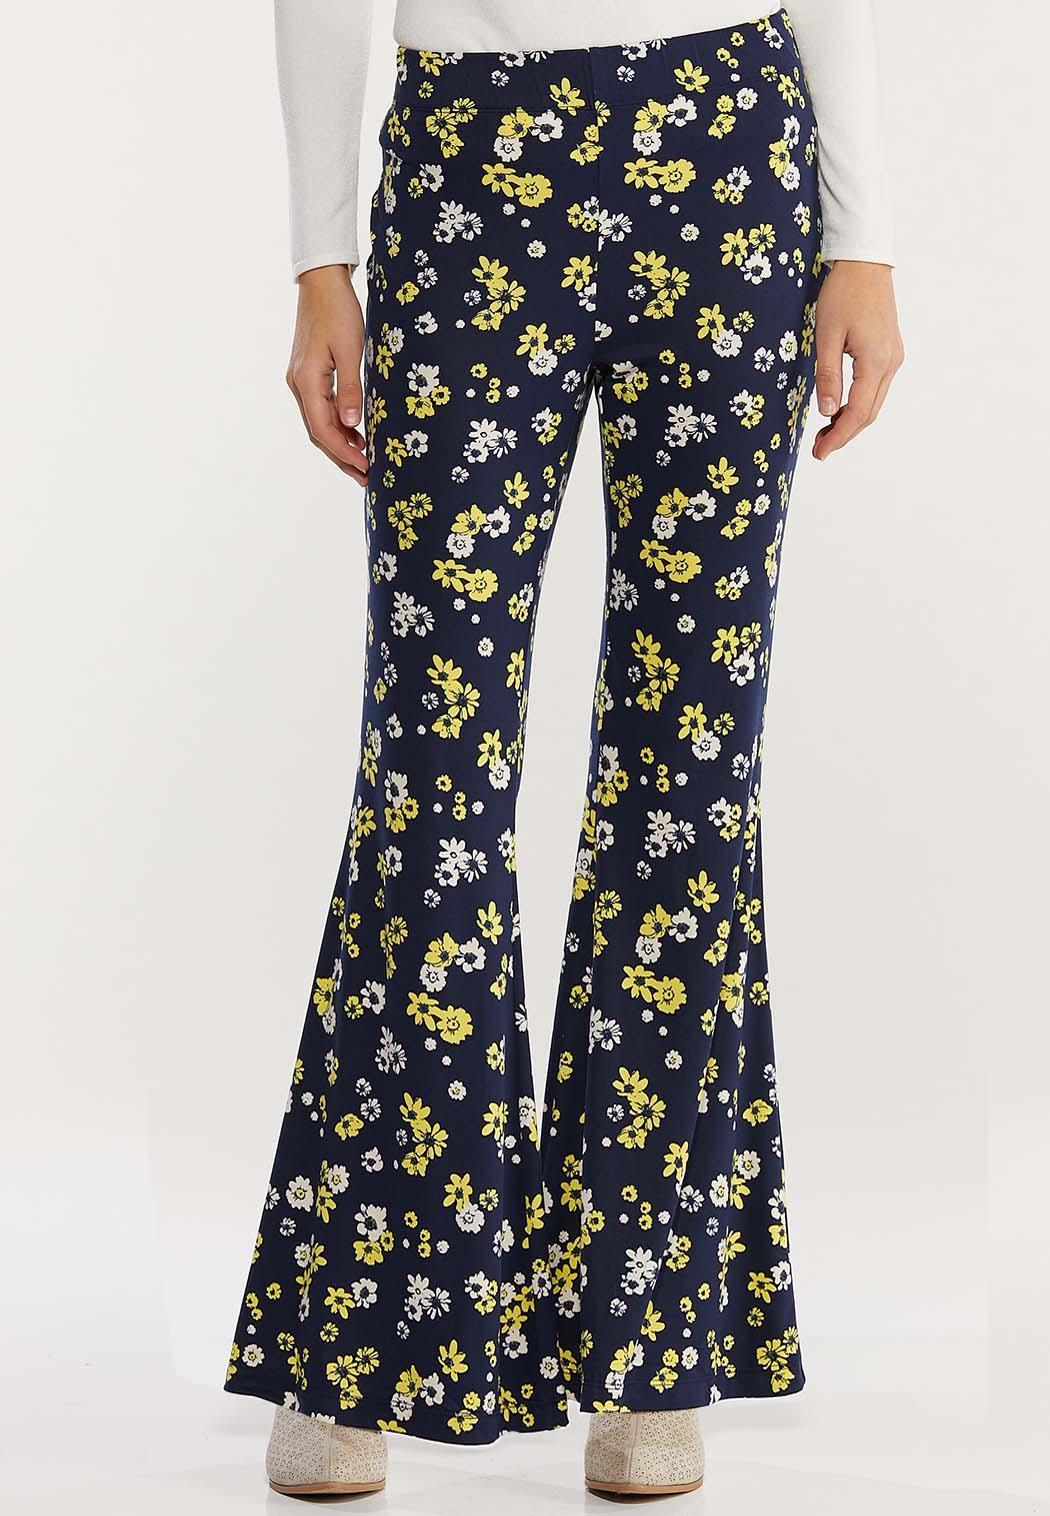 Daisy Flare Pants